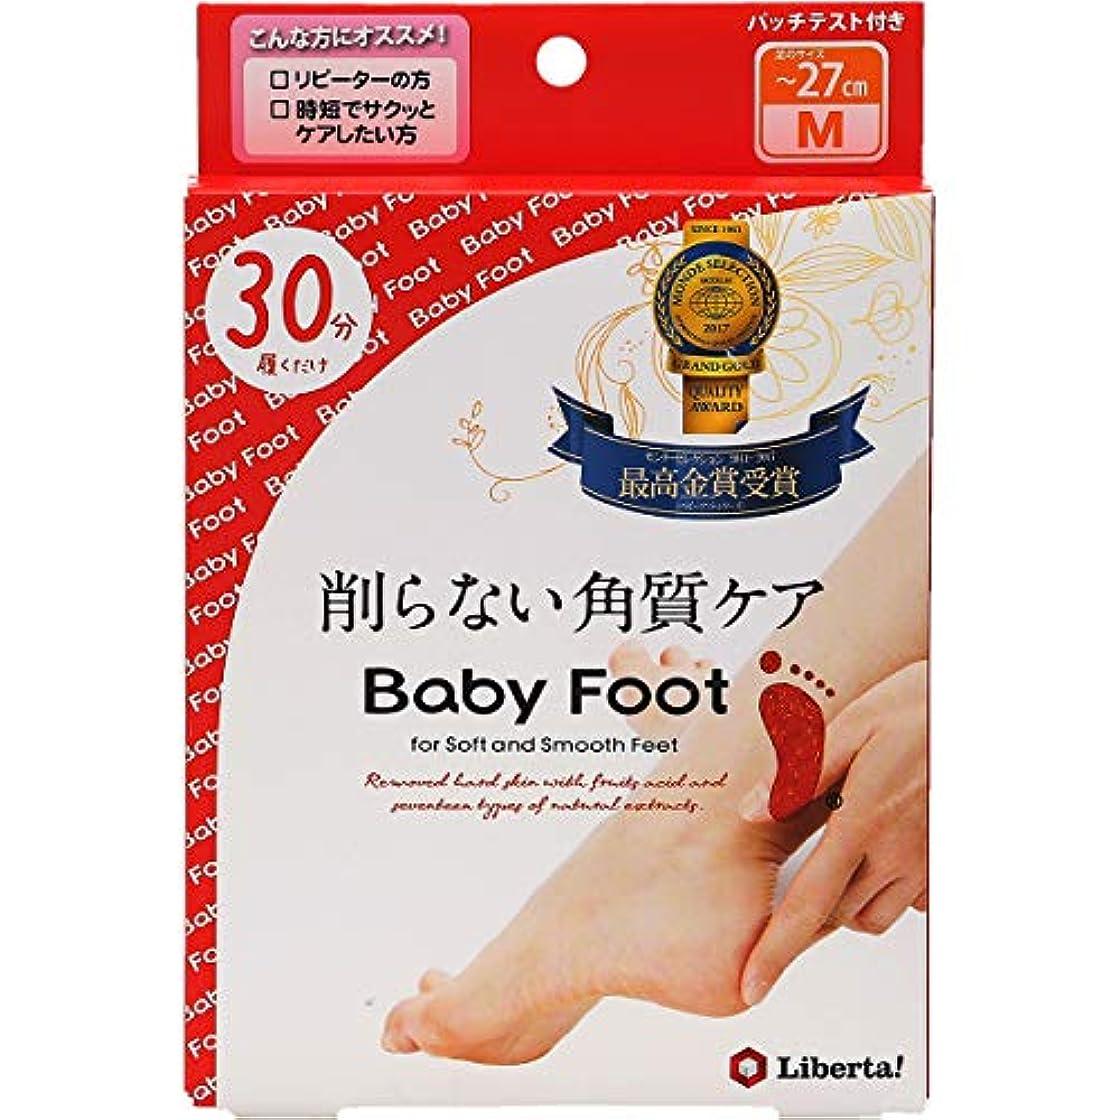 特派員すり野望ベビーフット (Baby Foot) ベビーフット イージーパック30分タイプ Mサイズ 単品